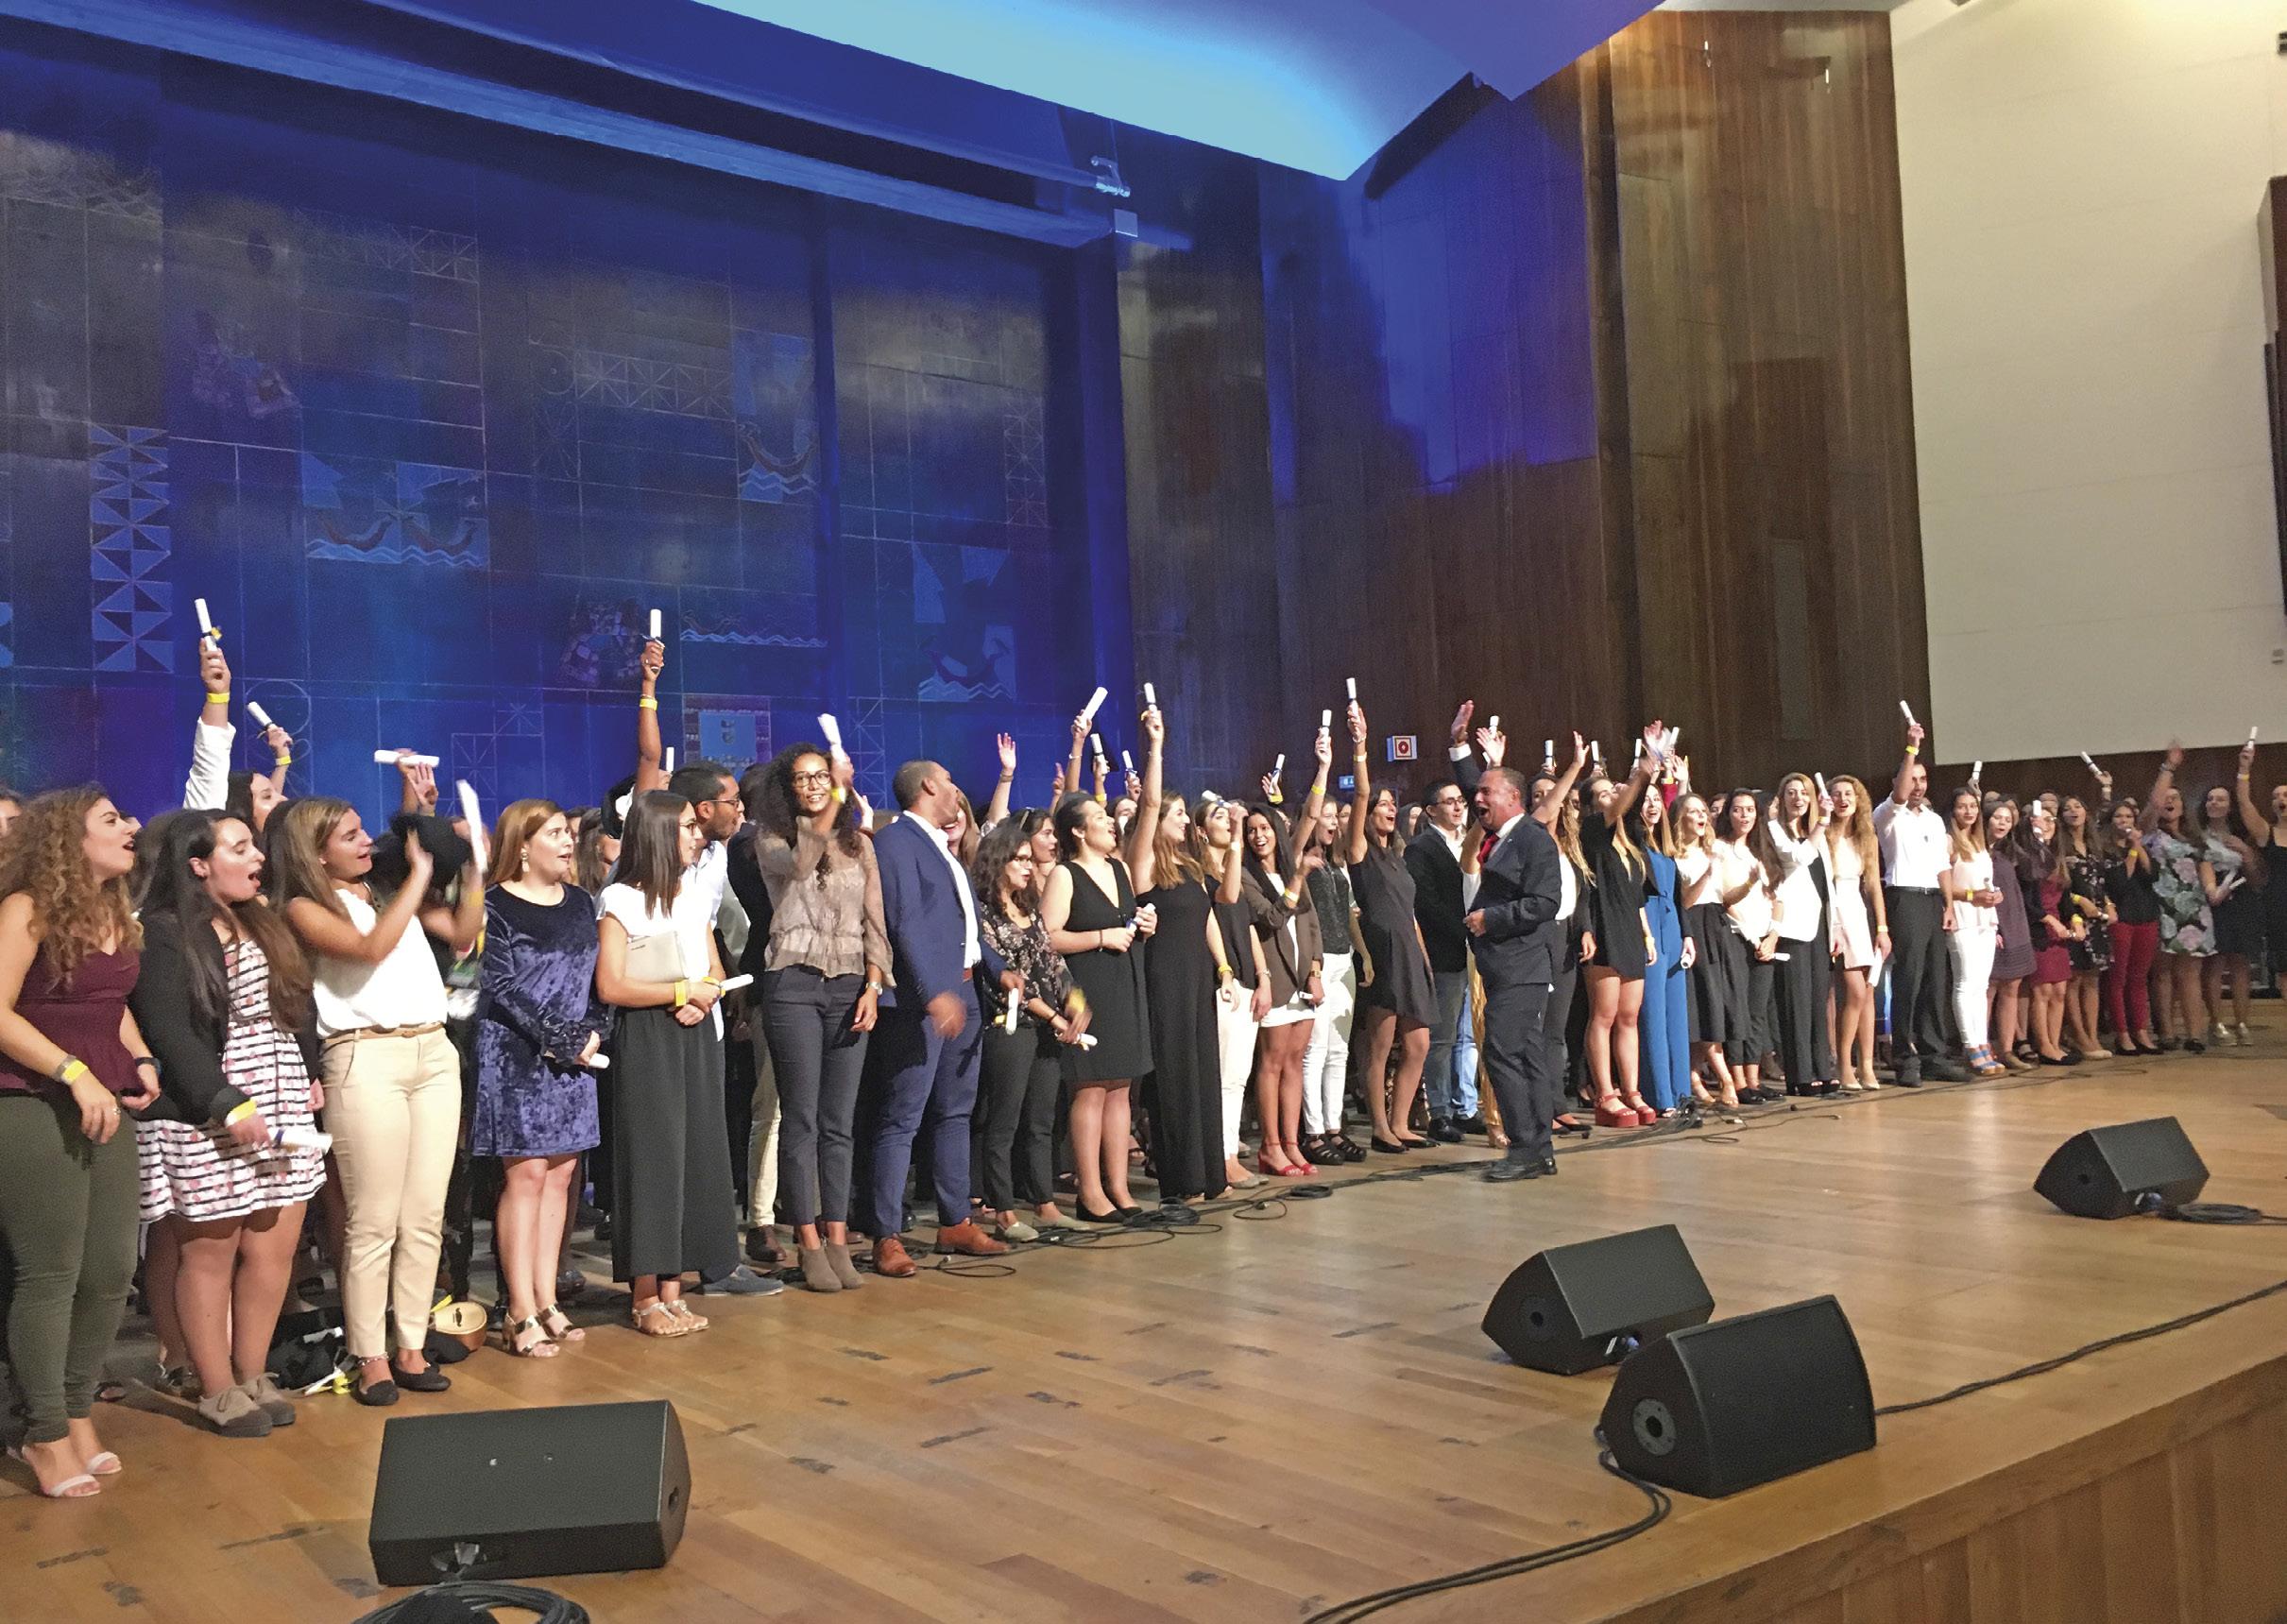 Em 2017, na Aula Magna da Reitoria da Universidade de Lisboa, os recém-licenciados em Enfermagem de todas as escolas da região faziam, sorridentes, o seu juramento profissional. Foto Inês Bolinhas, 2017.